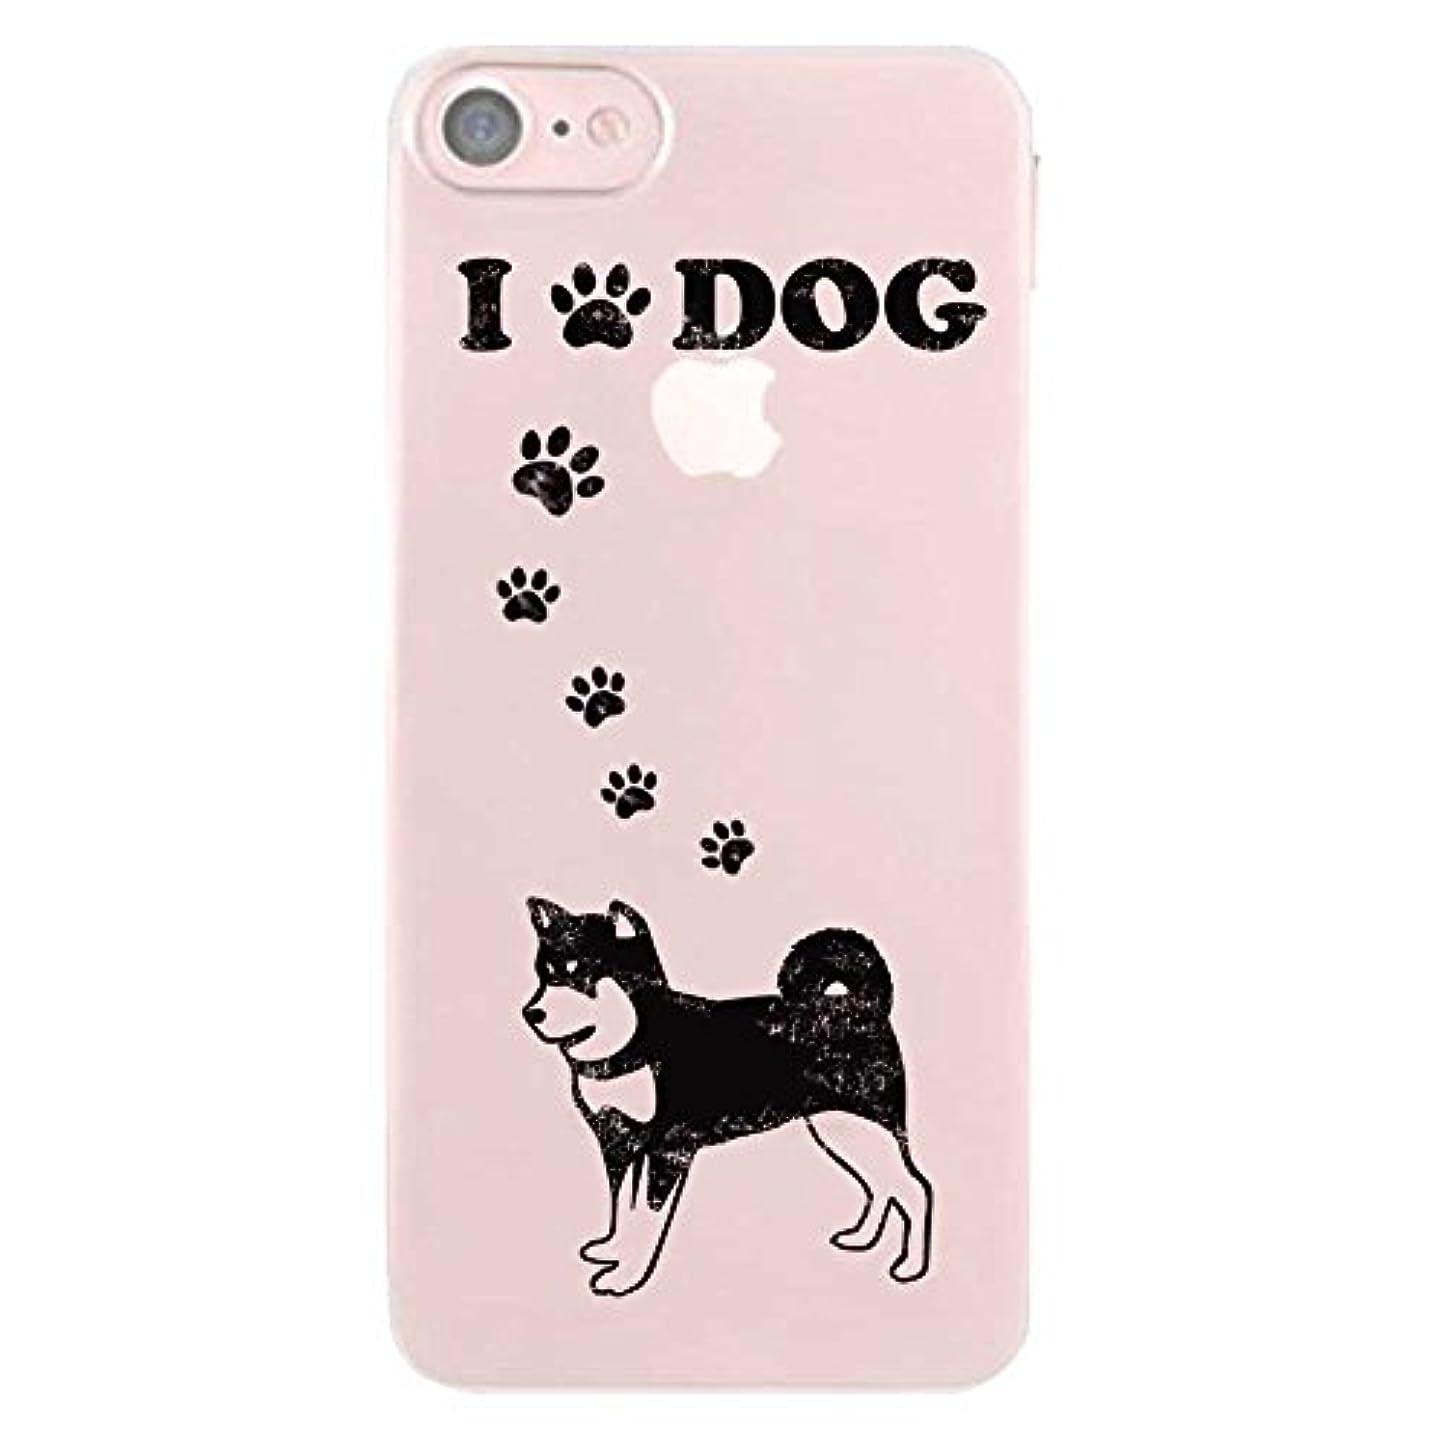 悲惨なクリップラダiPhone7 ケース TPU クリア 半透明 ドッグシリーズ ビンテージ風 柴犬 888-59389